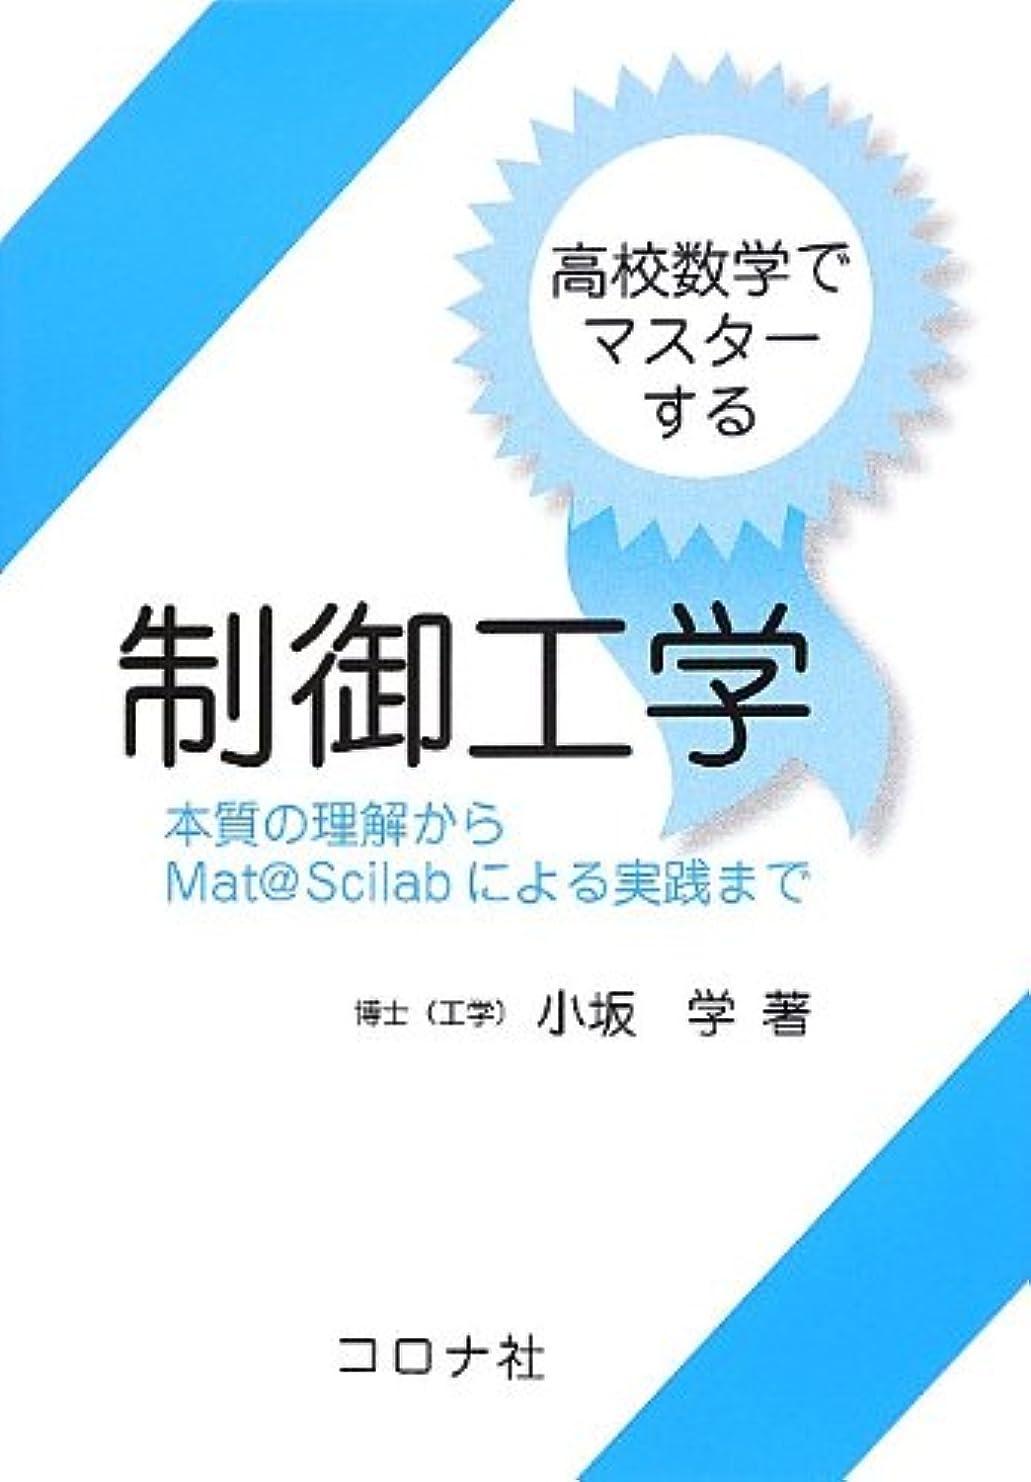 ラインメッセージラケット高校数学でマスターする制御工学―本質の理解からMat@Scilabによる実践まで